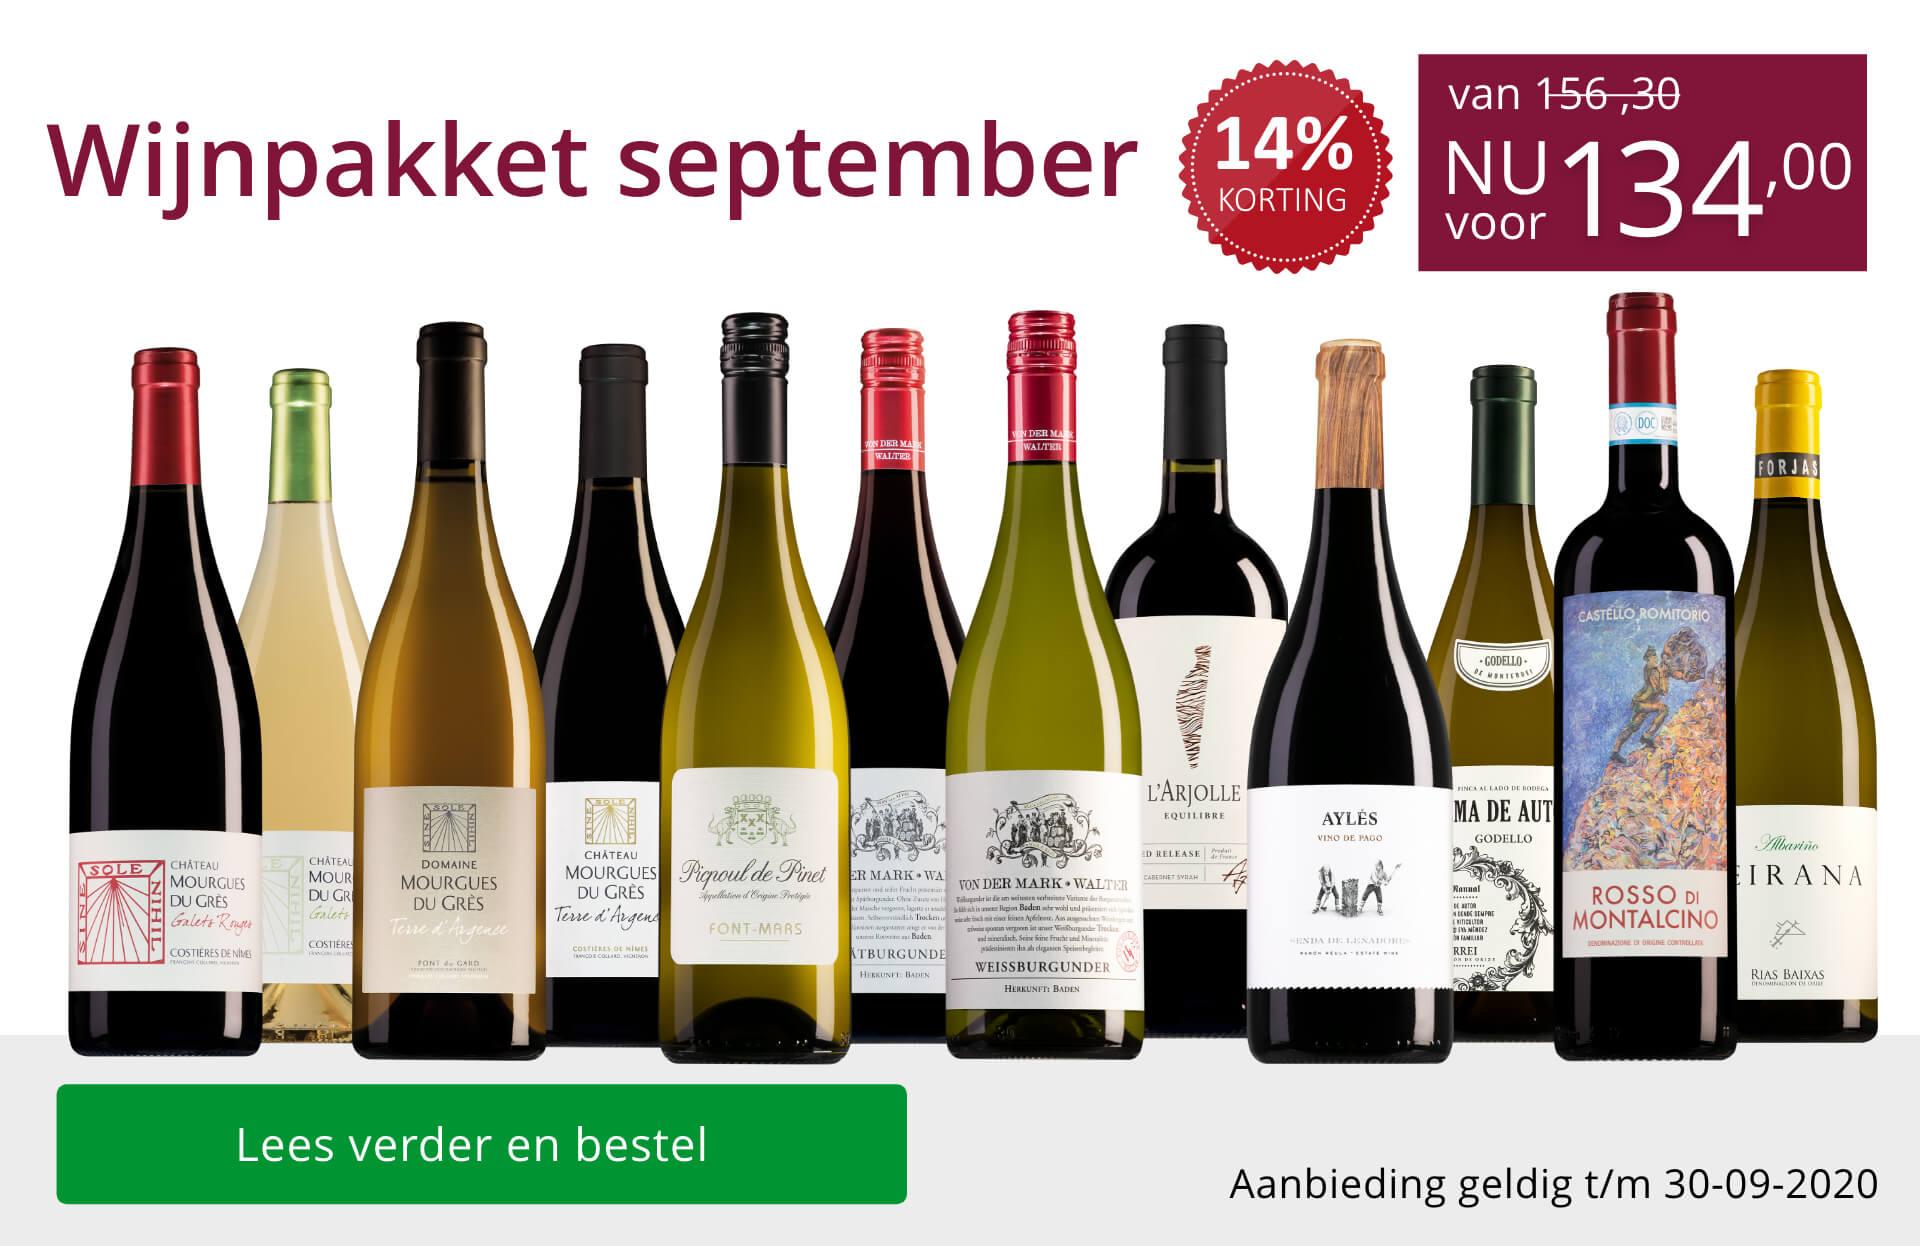 Wijnpakket wijnbericht september 2020 (134,00) - paars